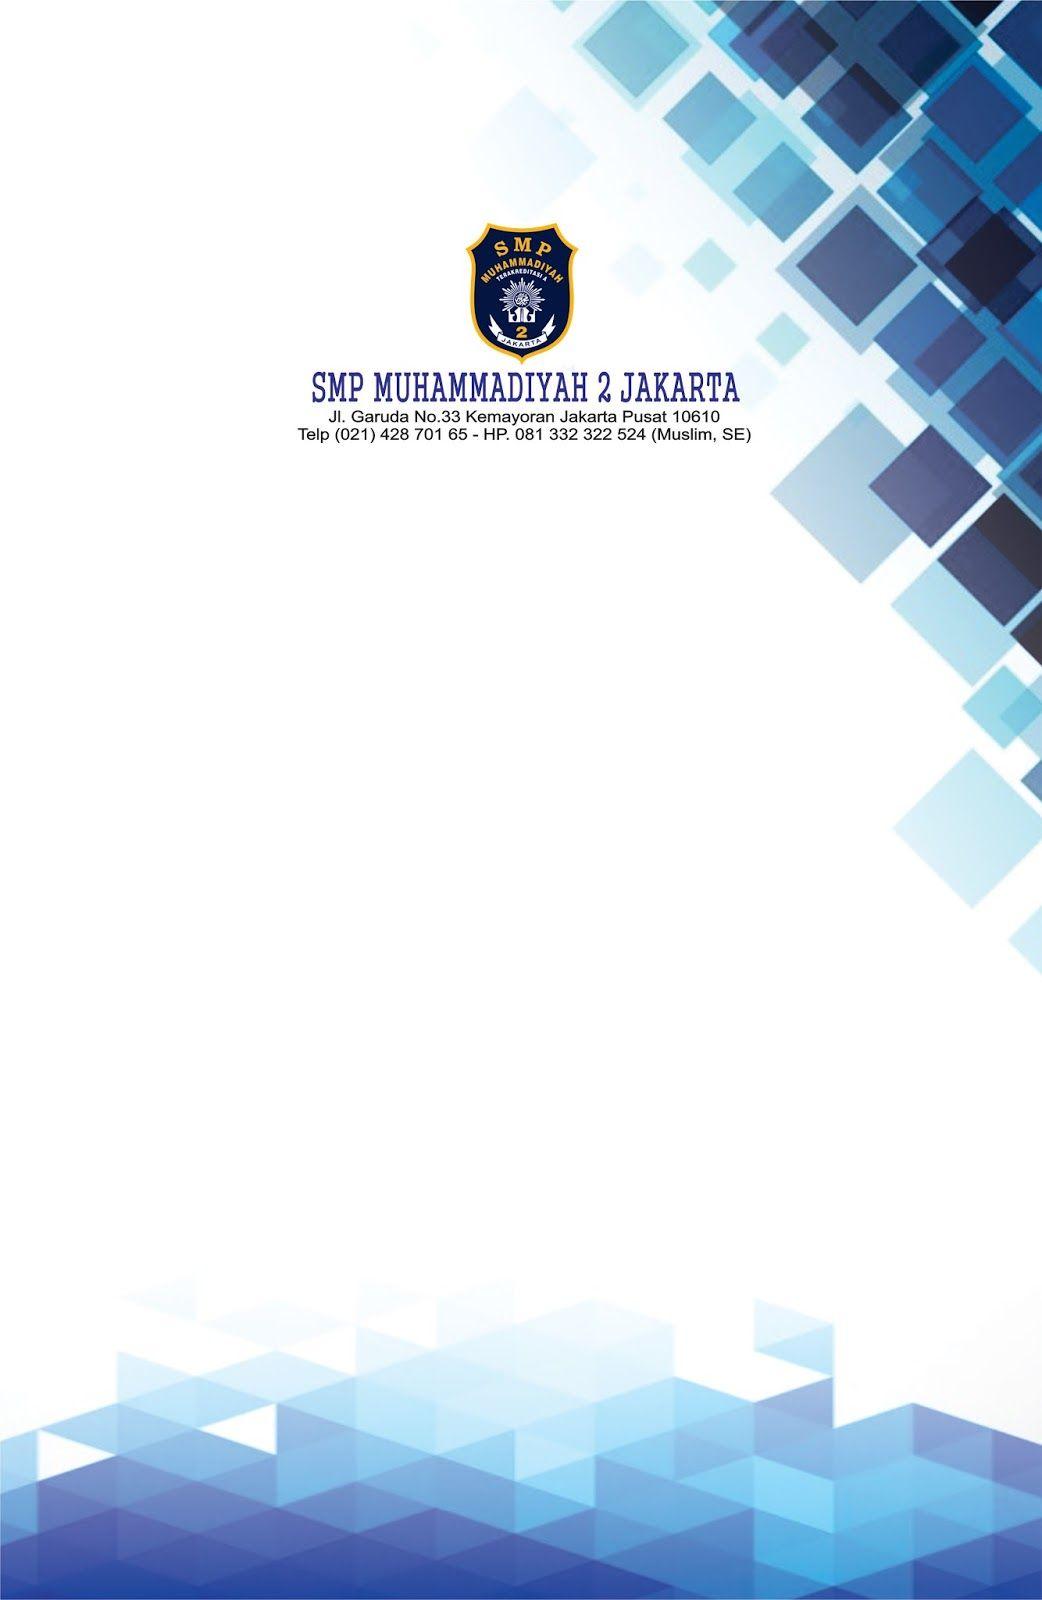 Contoh Gambar Cover : contoh, gambar, cover, Image, Result, Contoh, Cover, Laporan, Kegiatan, Desain,, Gambar,, Agama